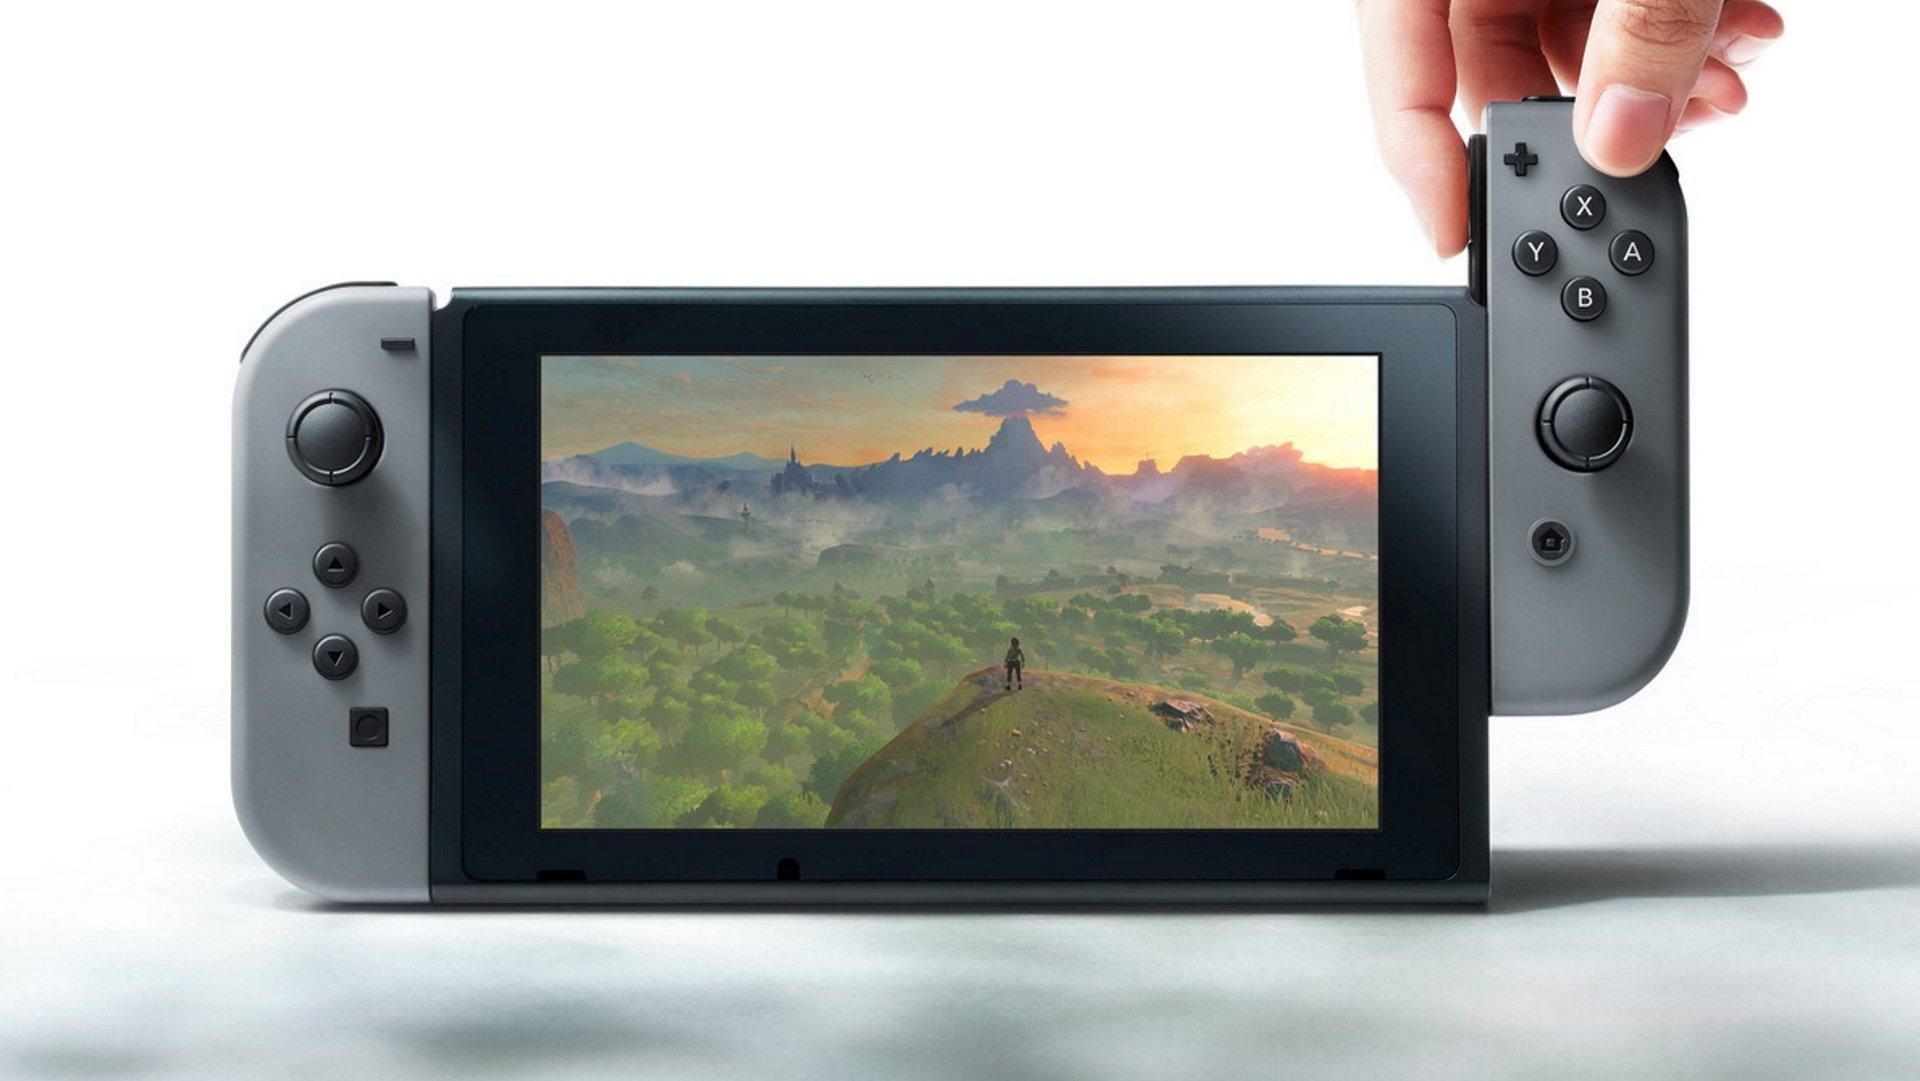 Nouveau modèle de console Nintendo Switch dont la sortie est prévue en juin